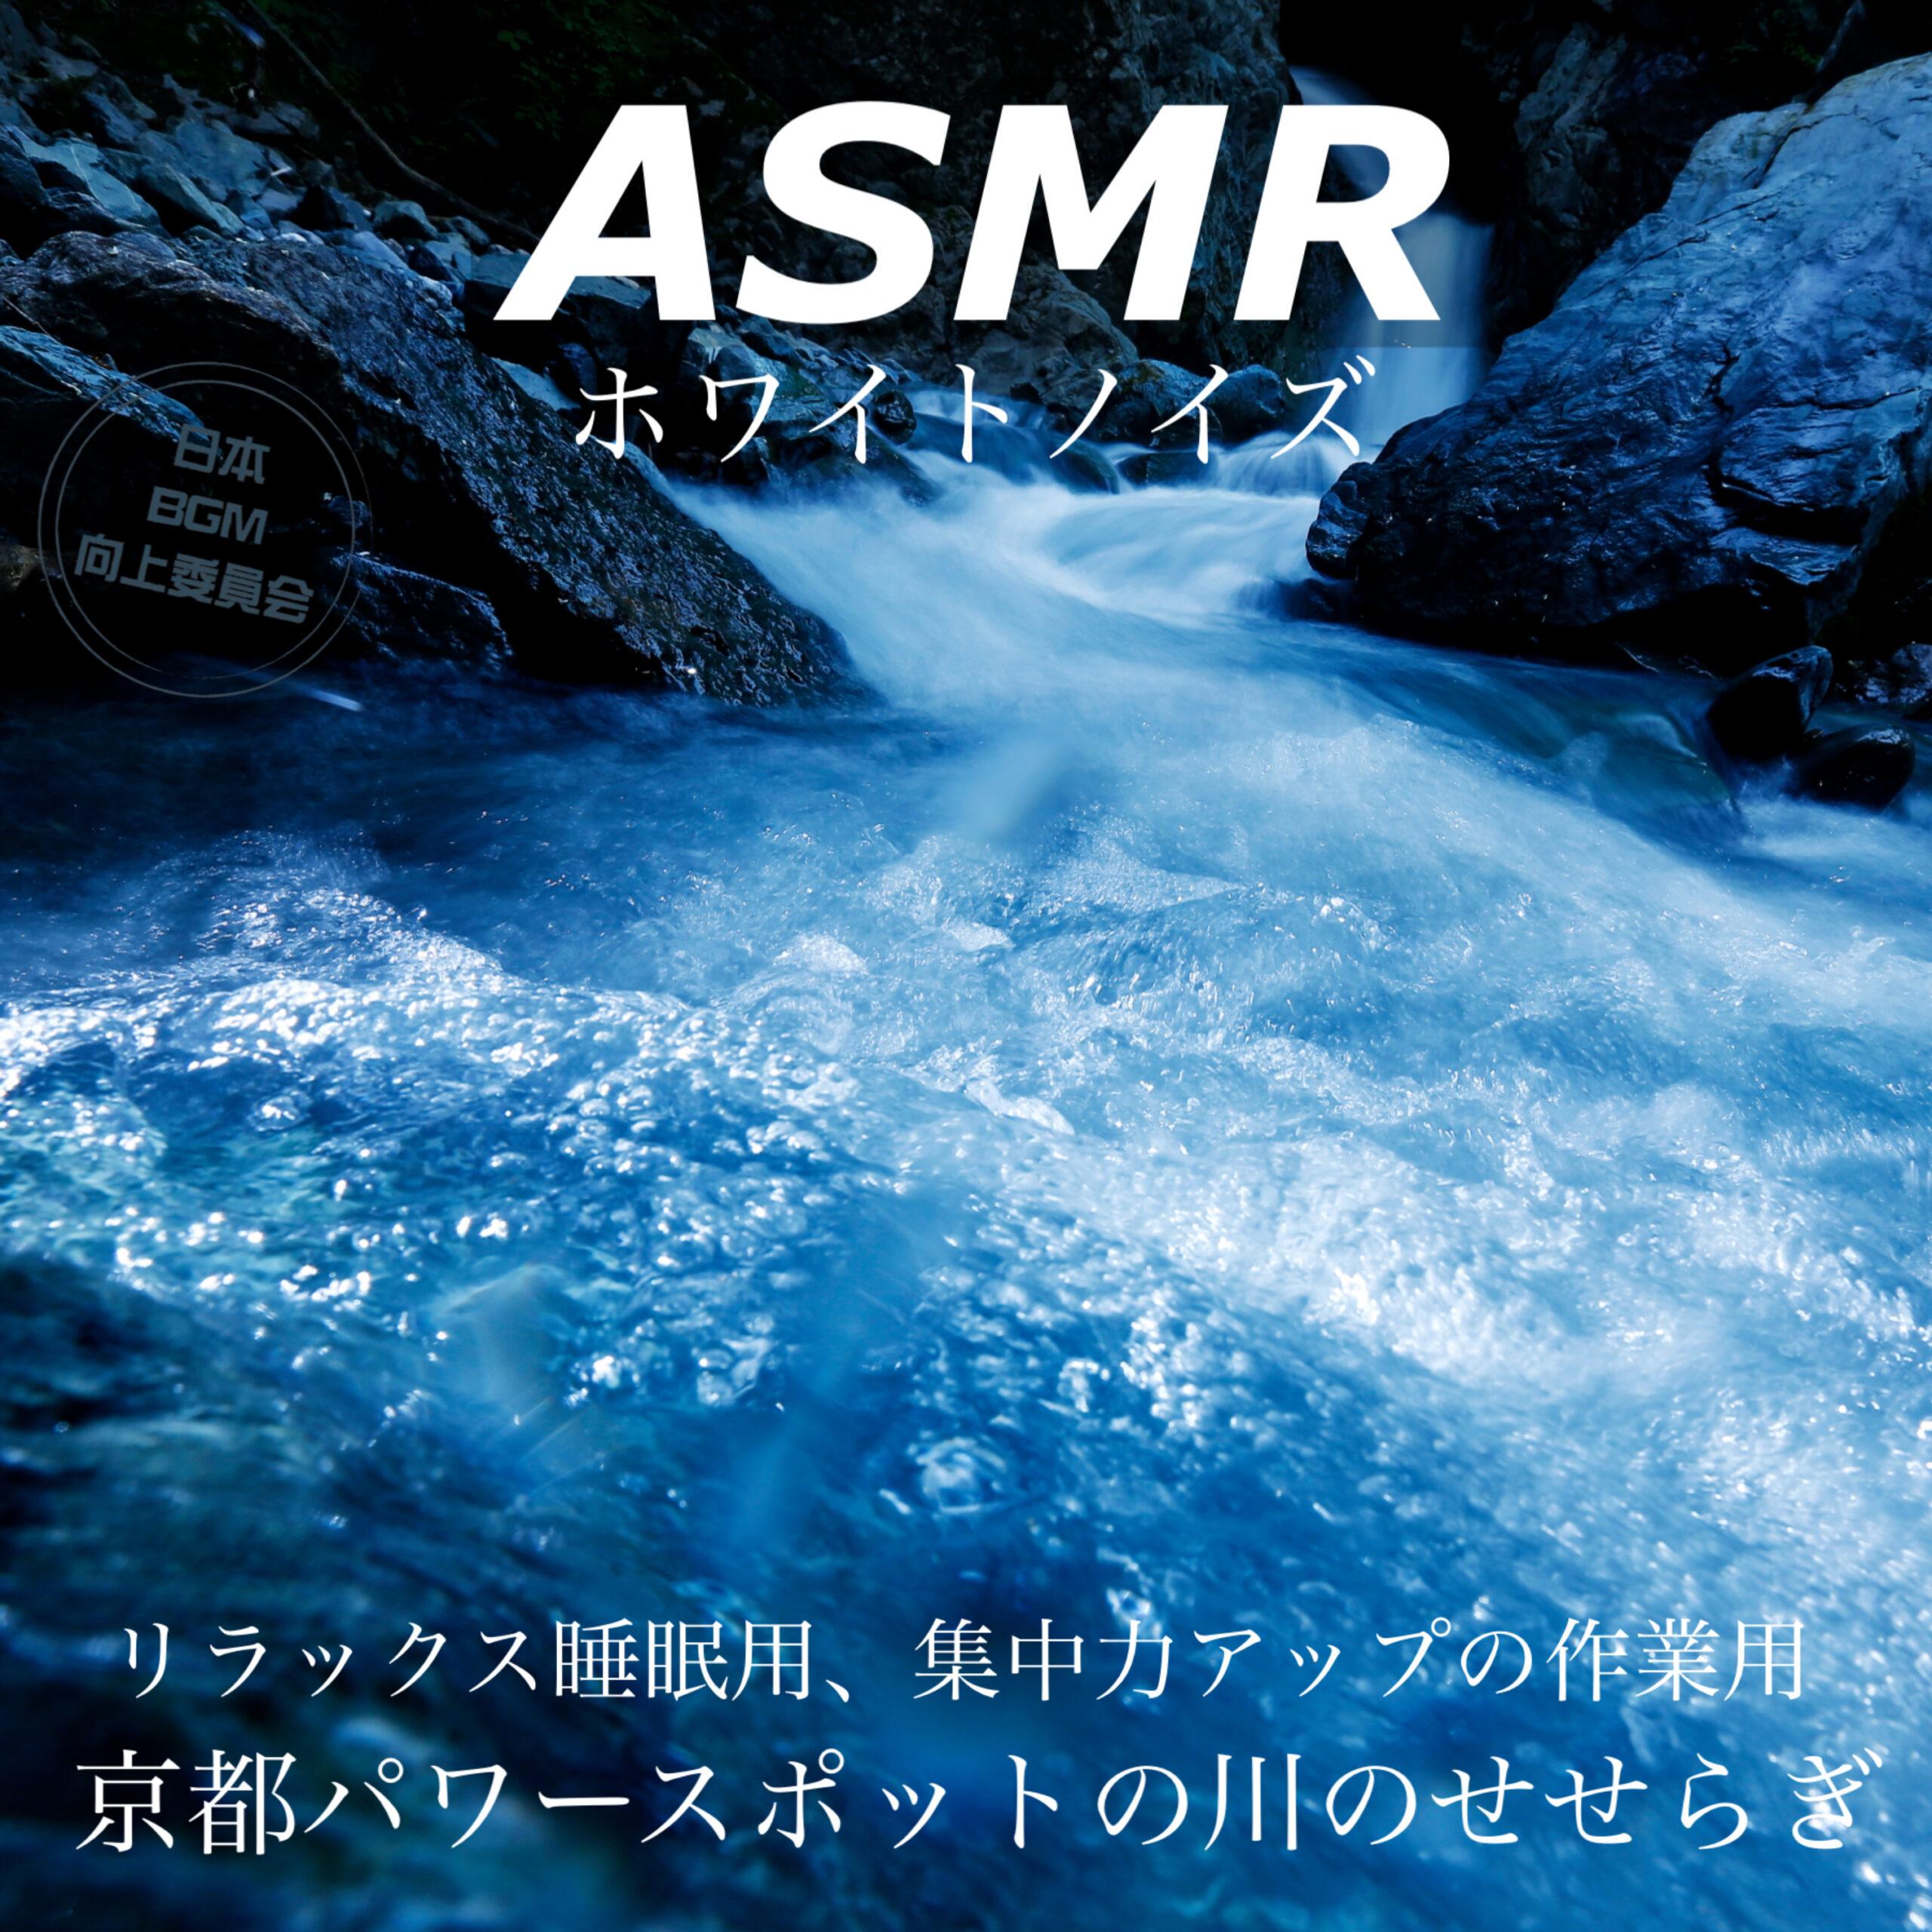 ASMR ホワイトノイズ リラックス睡眠用、集中力アップの作業用 京都パワースポットの川のせせらぎ